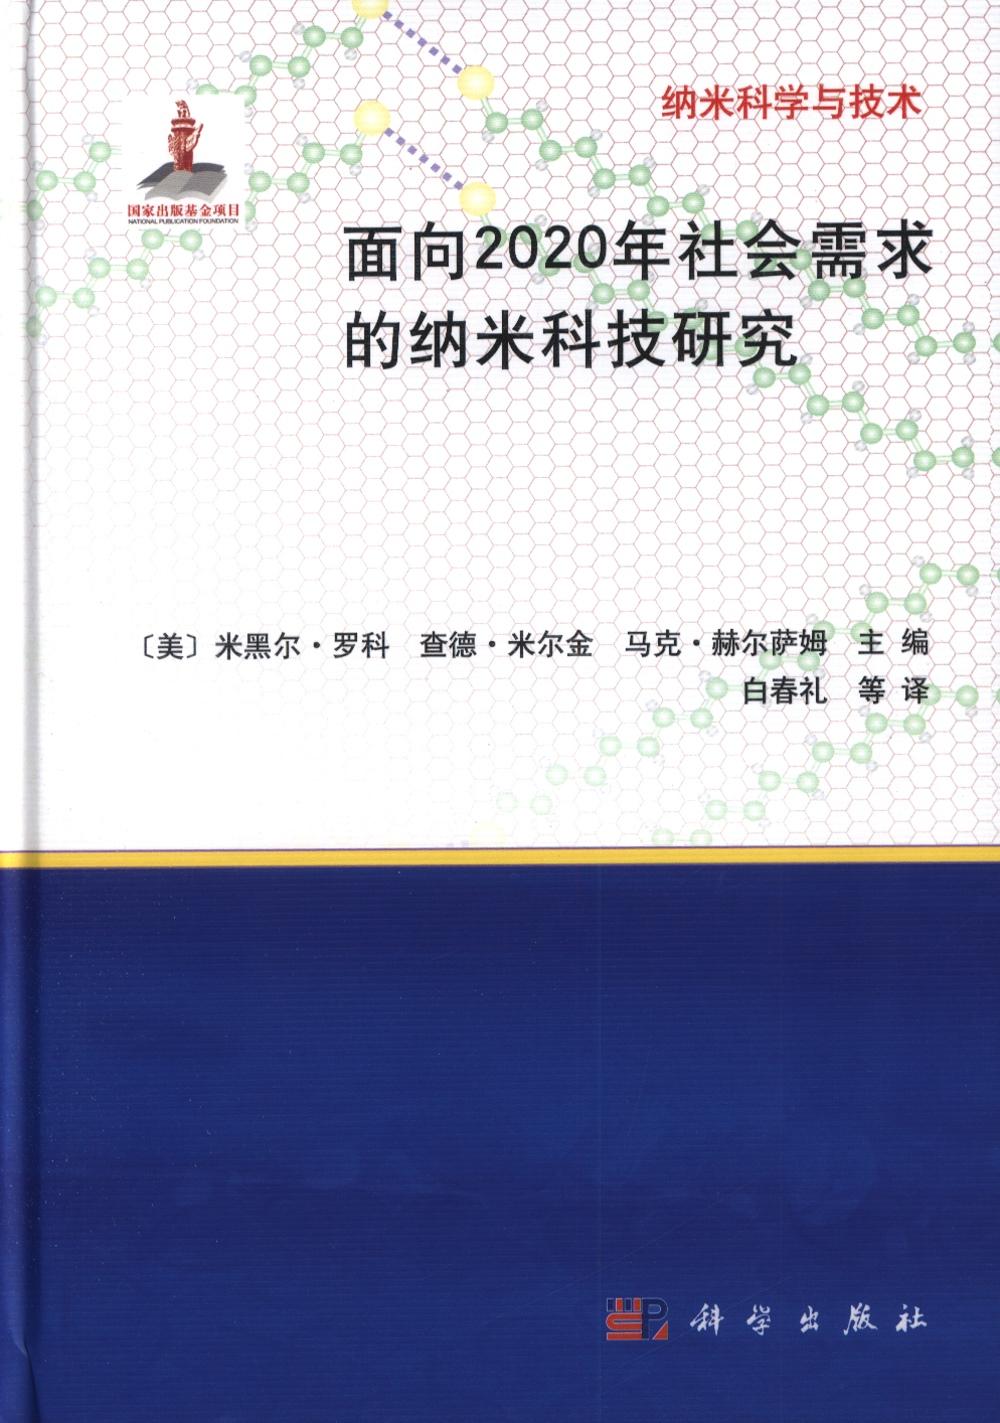 面向2020年社會需求的納米科技研究